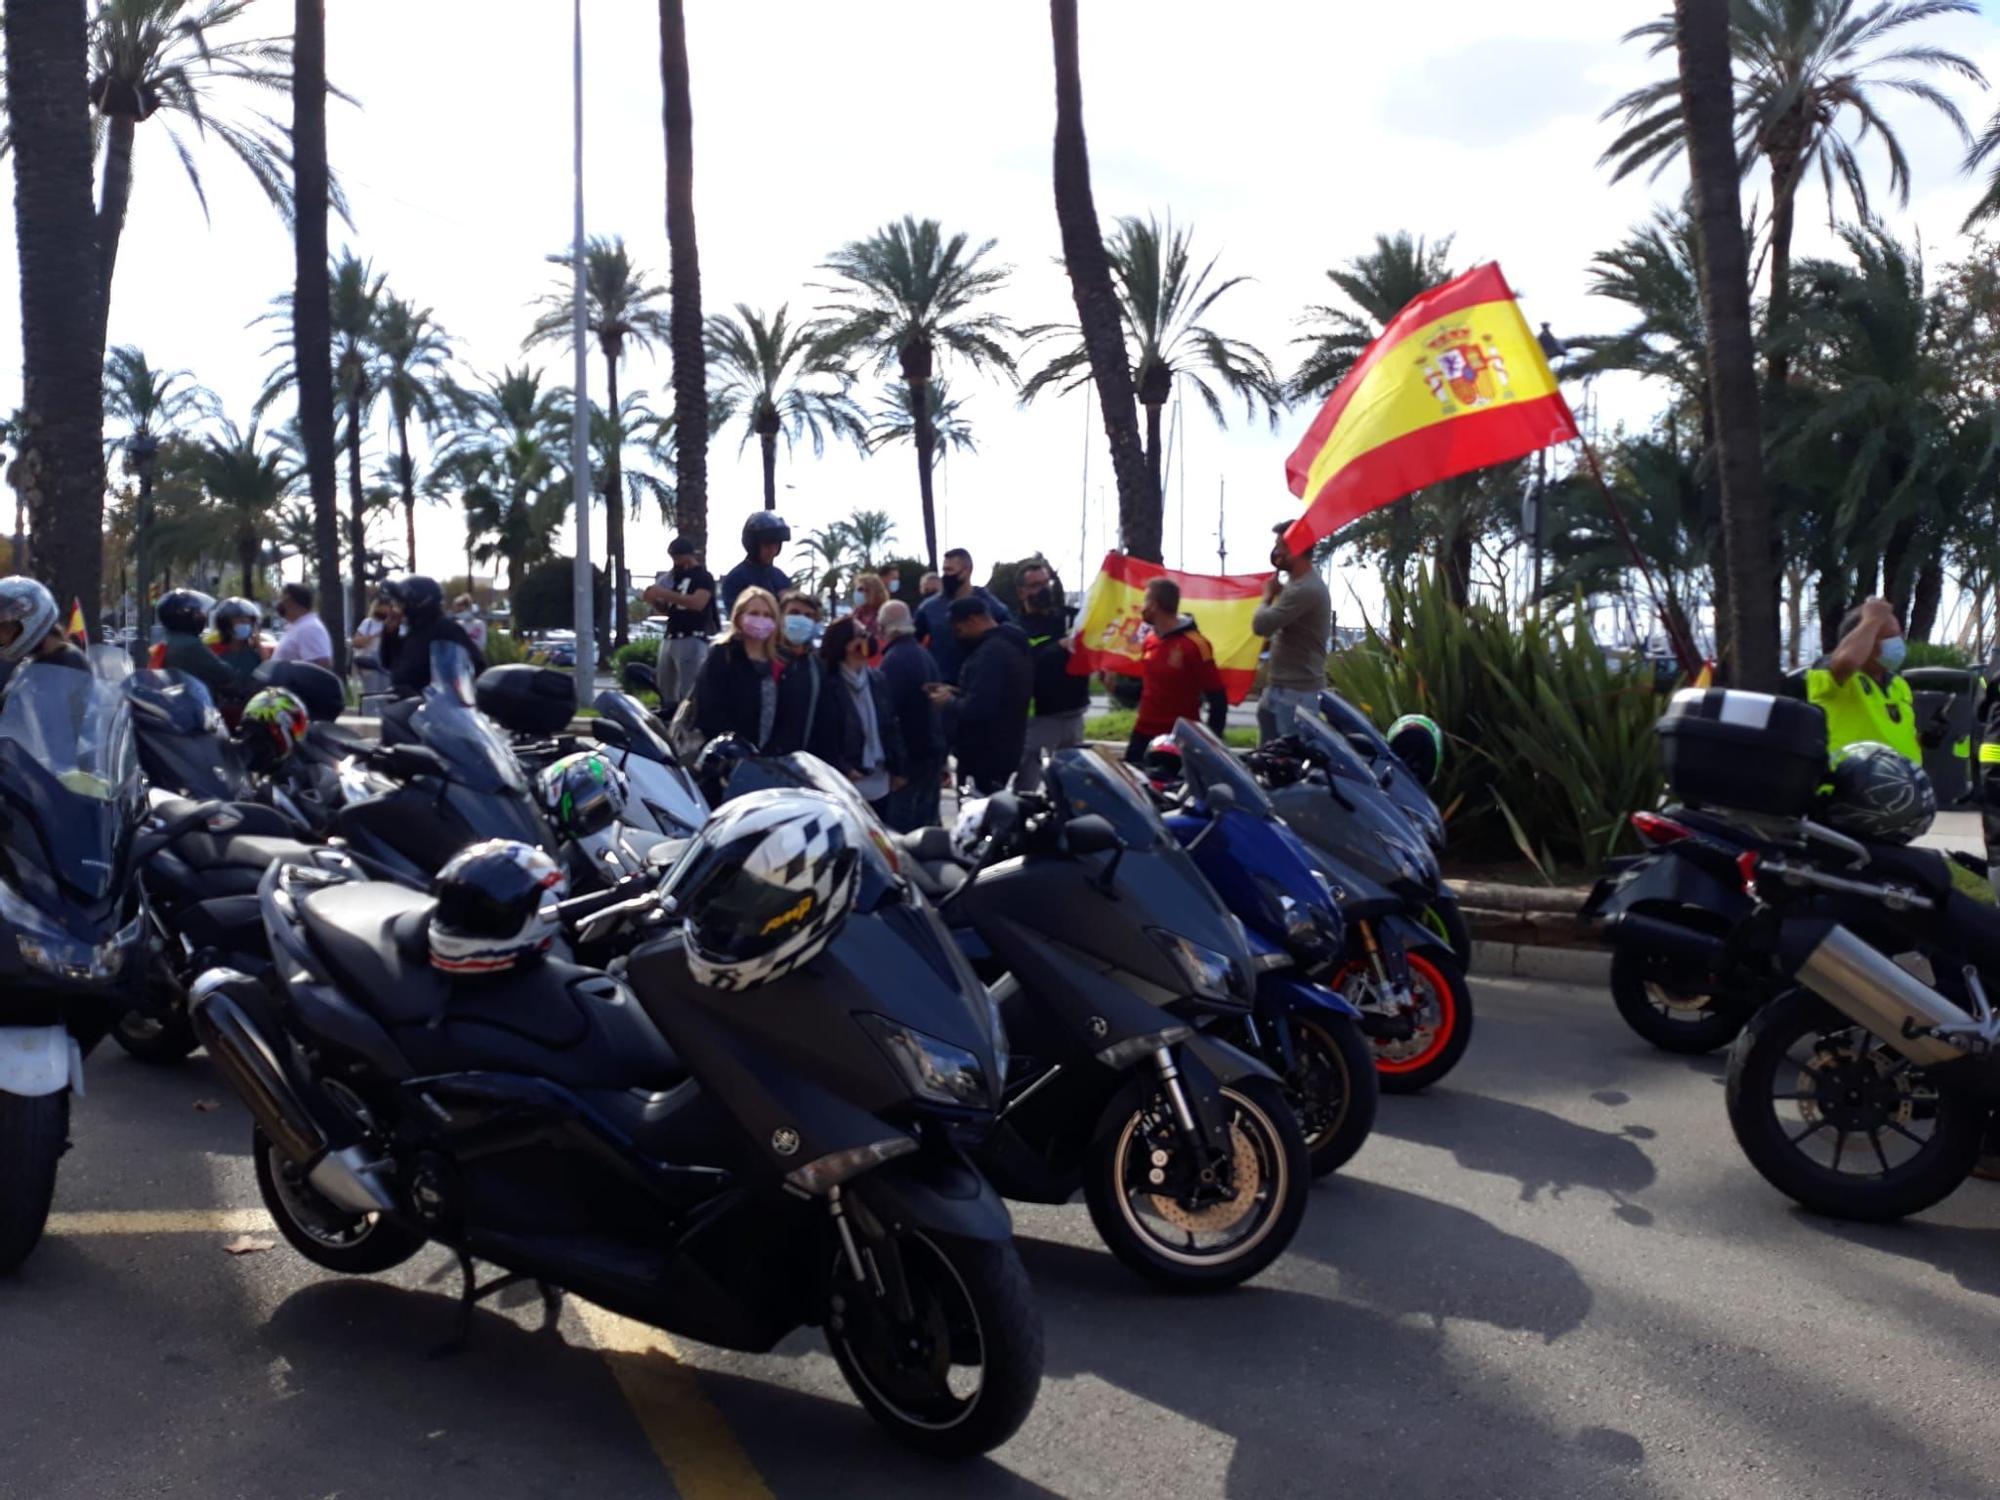 Masiva manifestación en Palma a favor de la unidad nacional